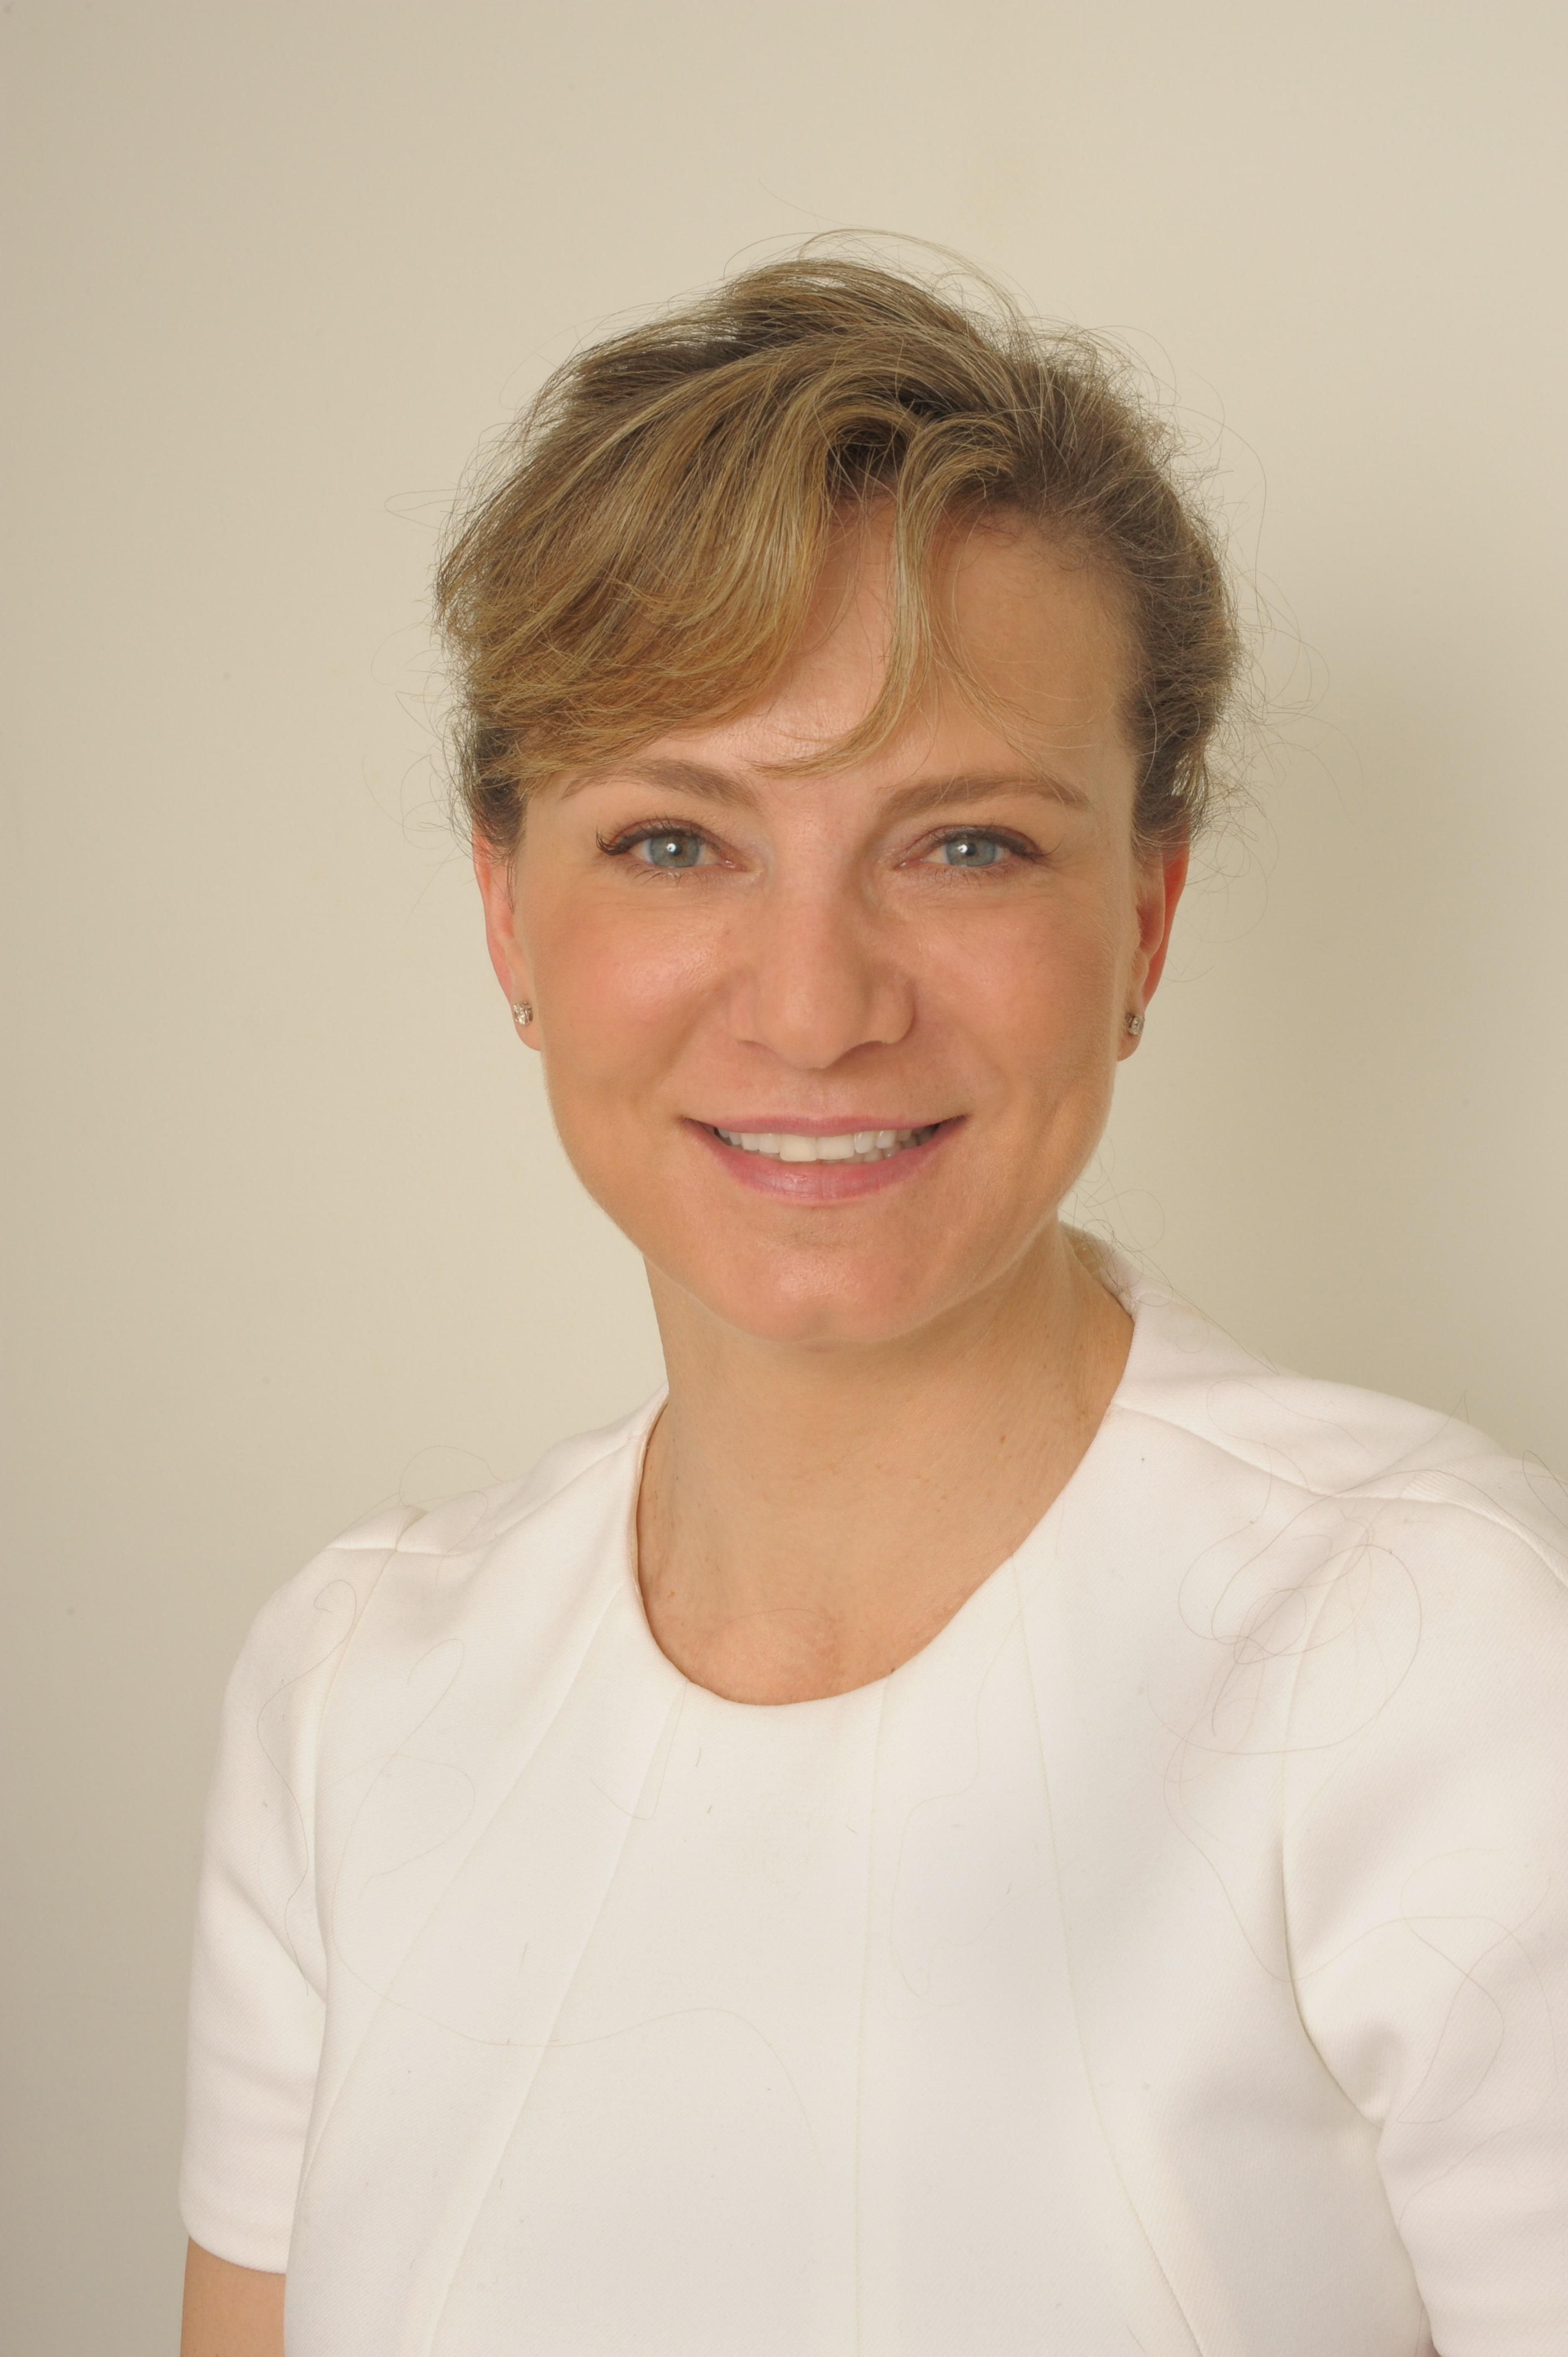 Debora Bonetti Director of Debora's Beauty Studio.